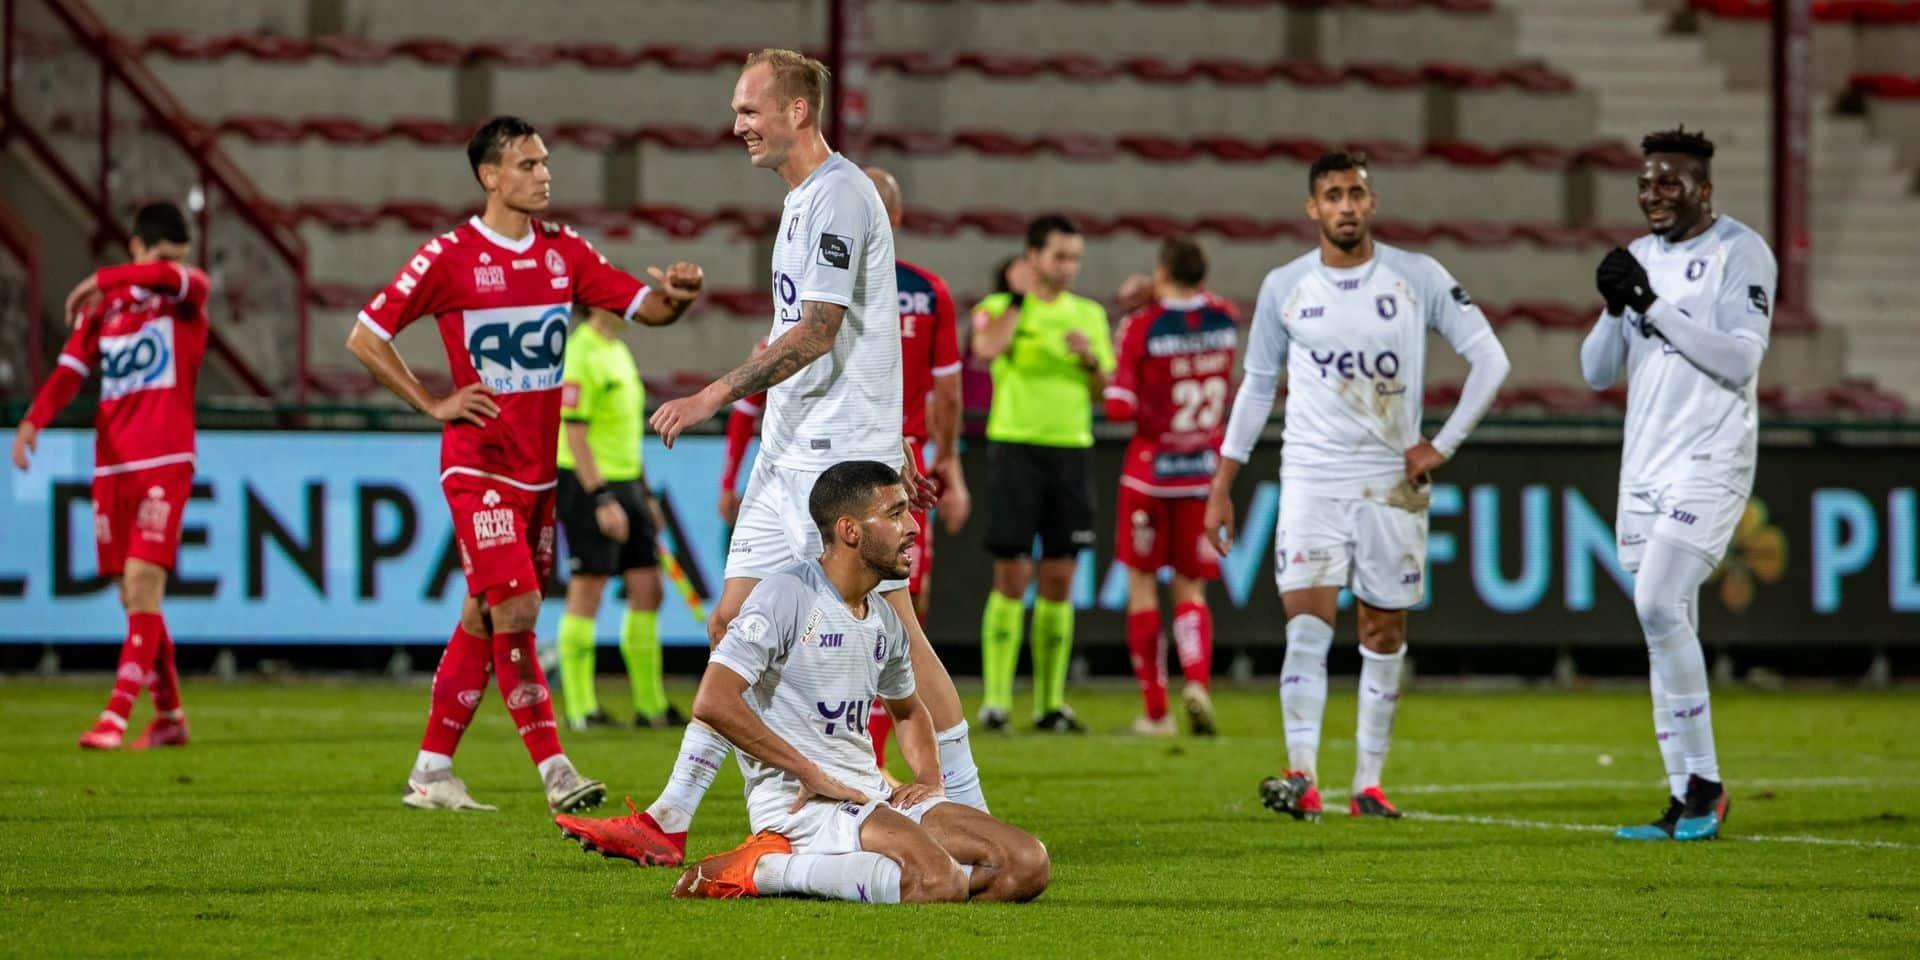 Partage entre Courtrai et le Beerschot au terme match fou (5-5)